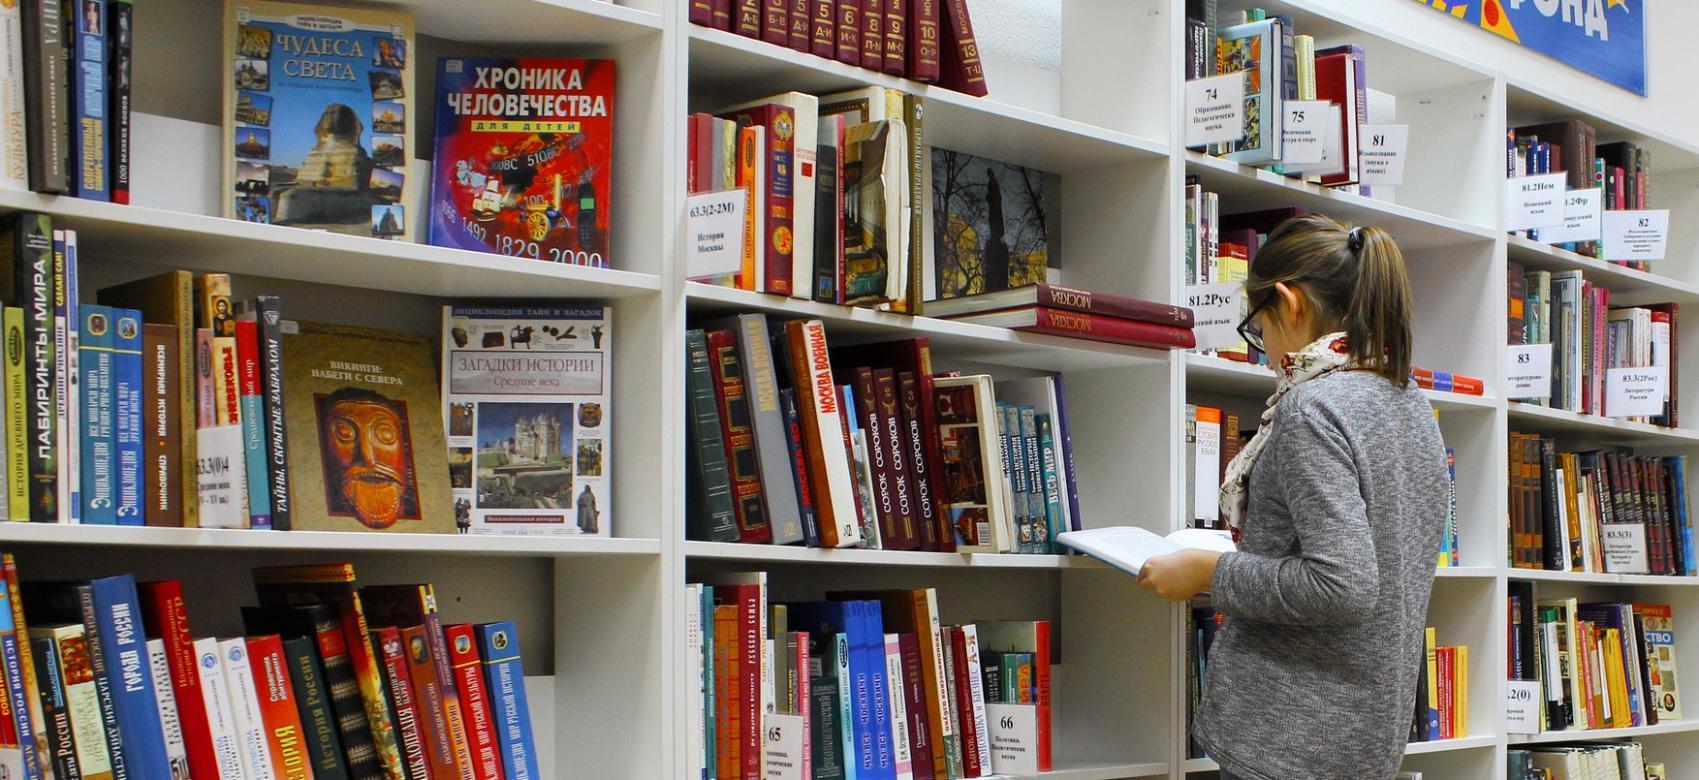 Estudiante en una biblioteca.